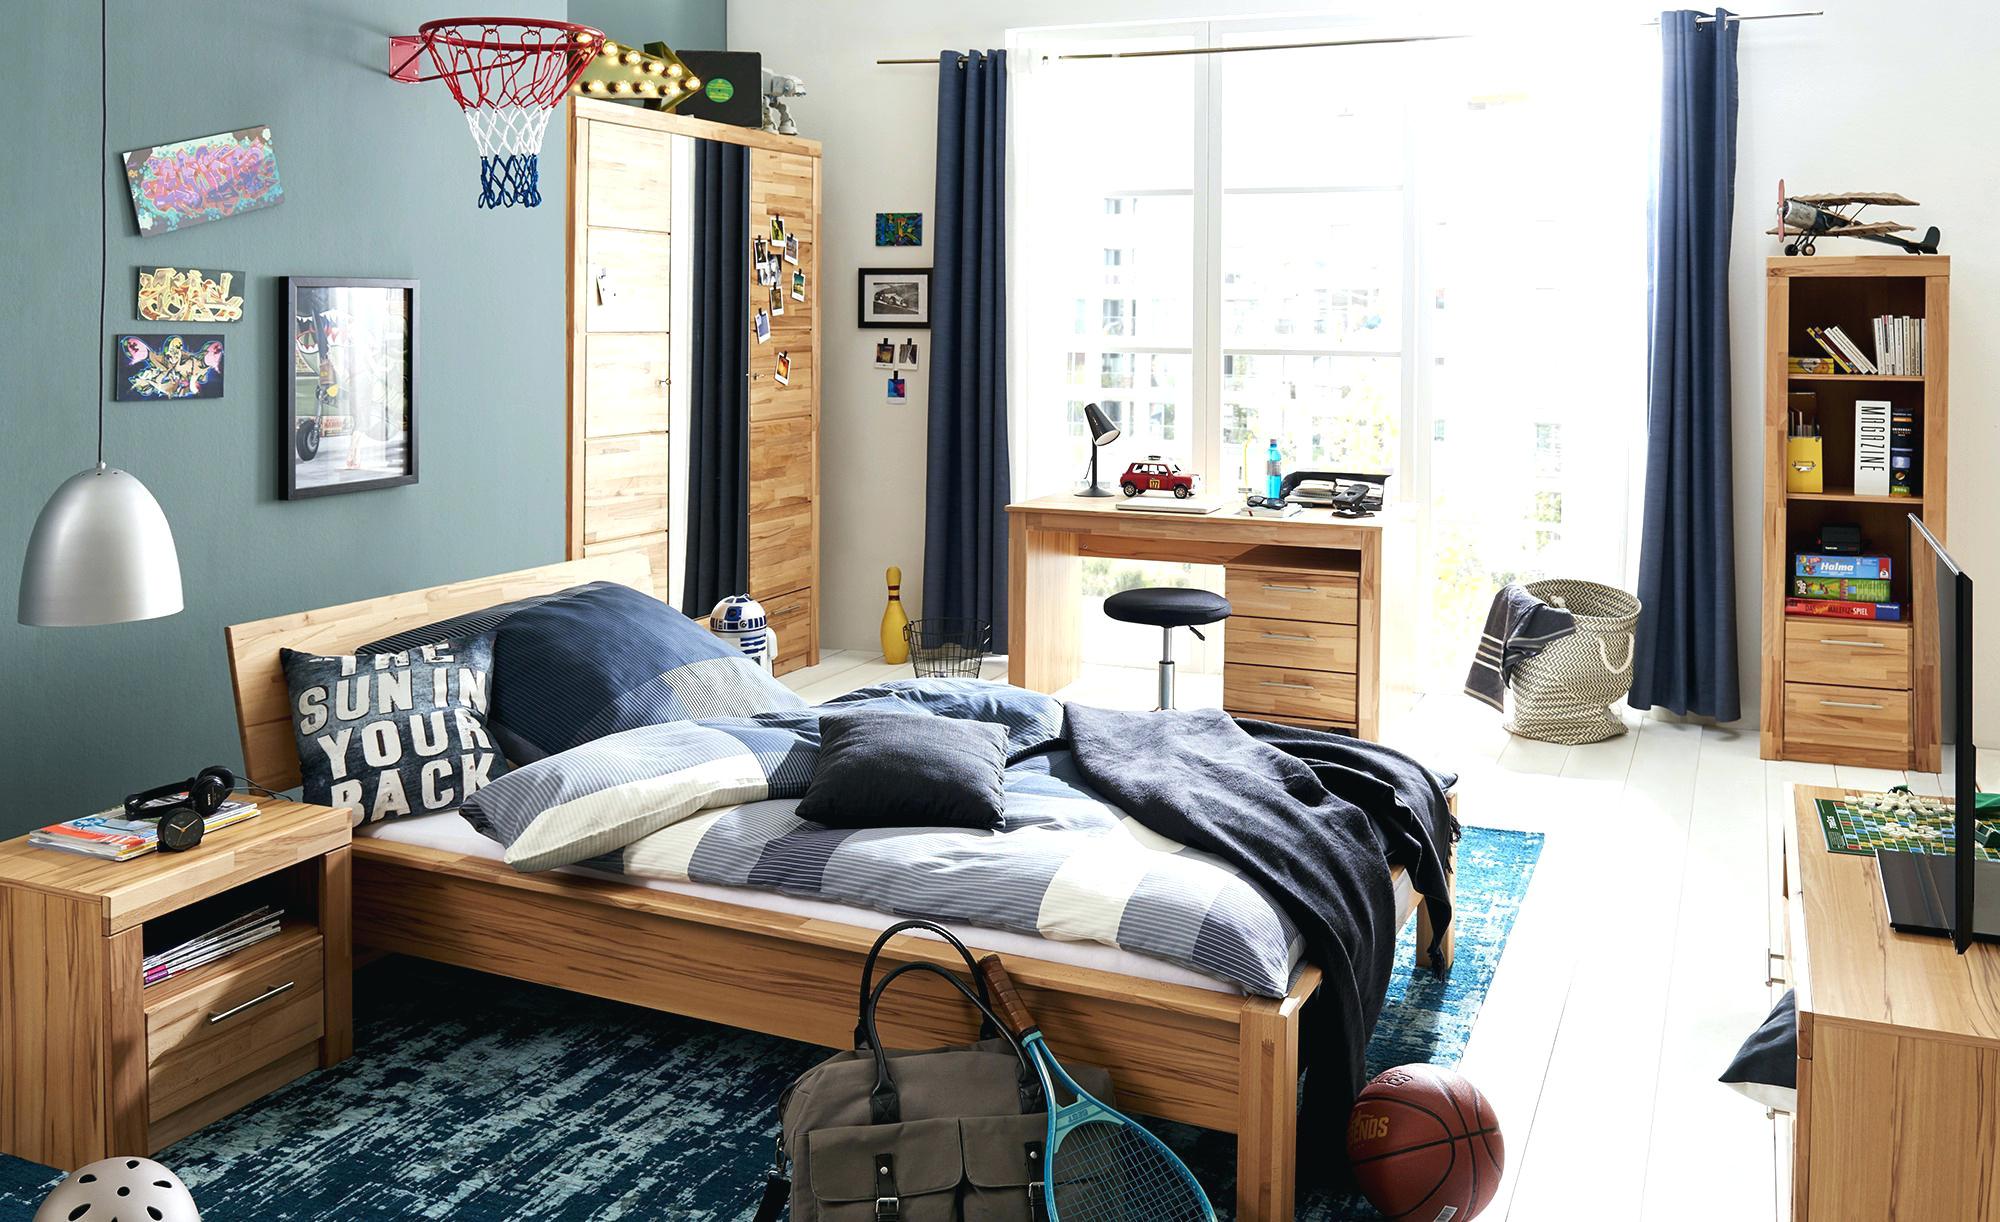 Full Size of Ikea Jugendzimmer Jungen Gestalten Einichten Betten Bei Sofa Mit Schlaffunktion Miniküche Küche Kaufen Kosten 160x200 Modulküche Bett Wohnzimmer Ikea Jugendzimmer